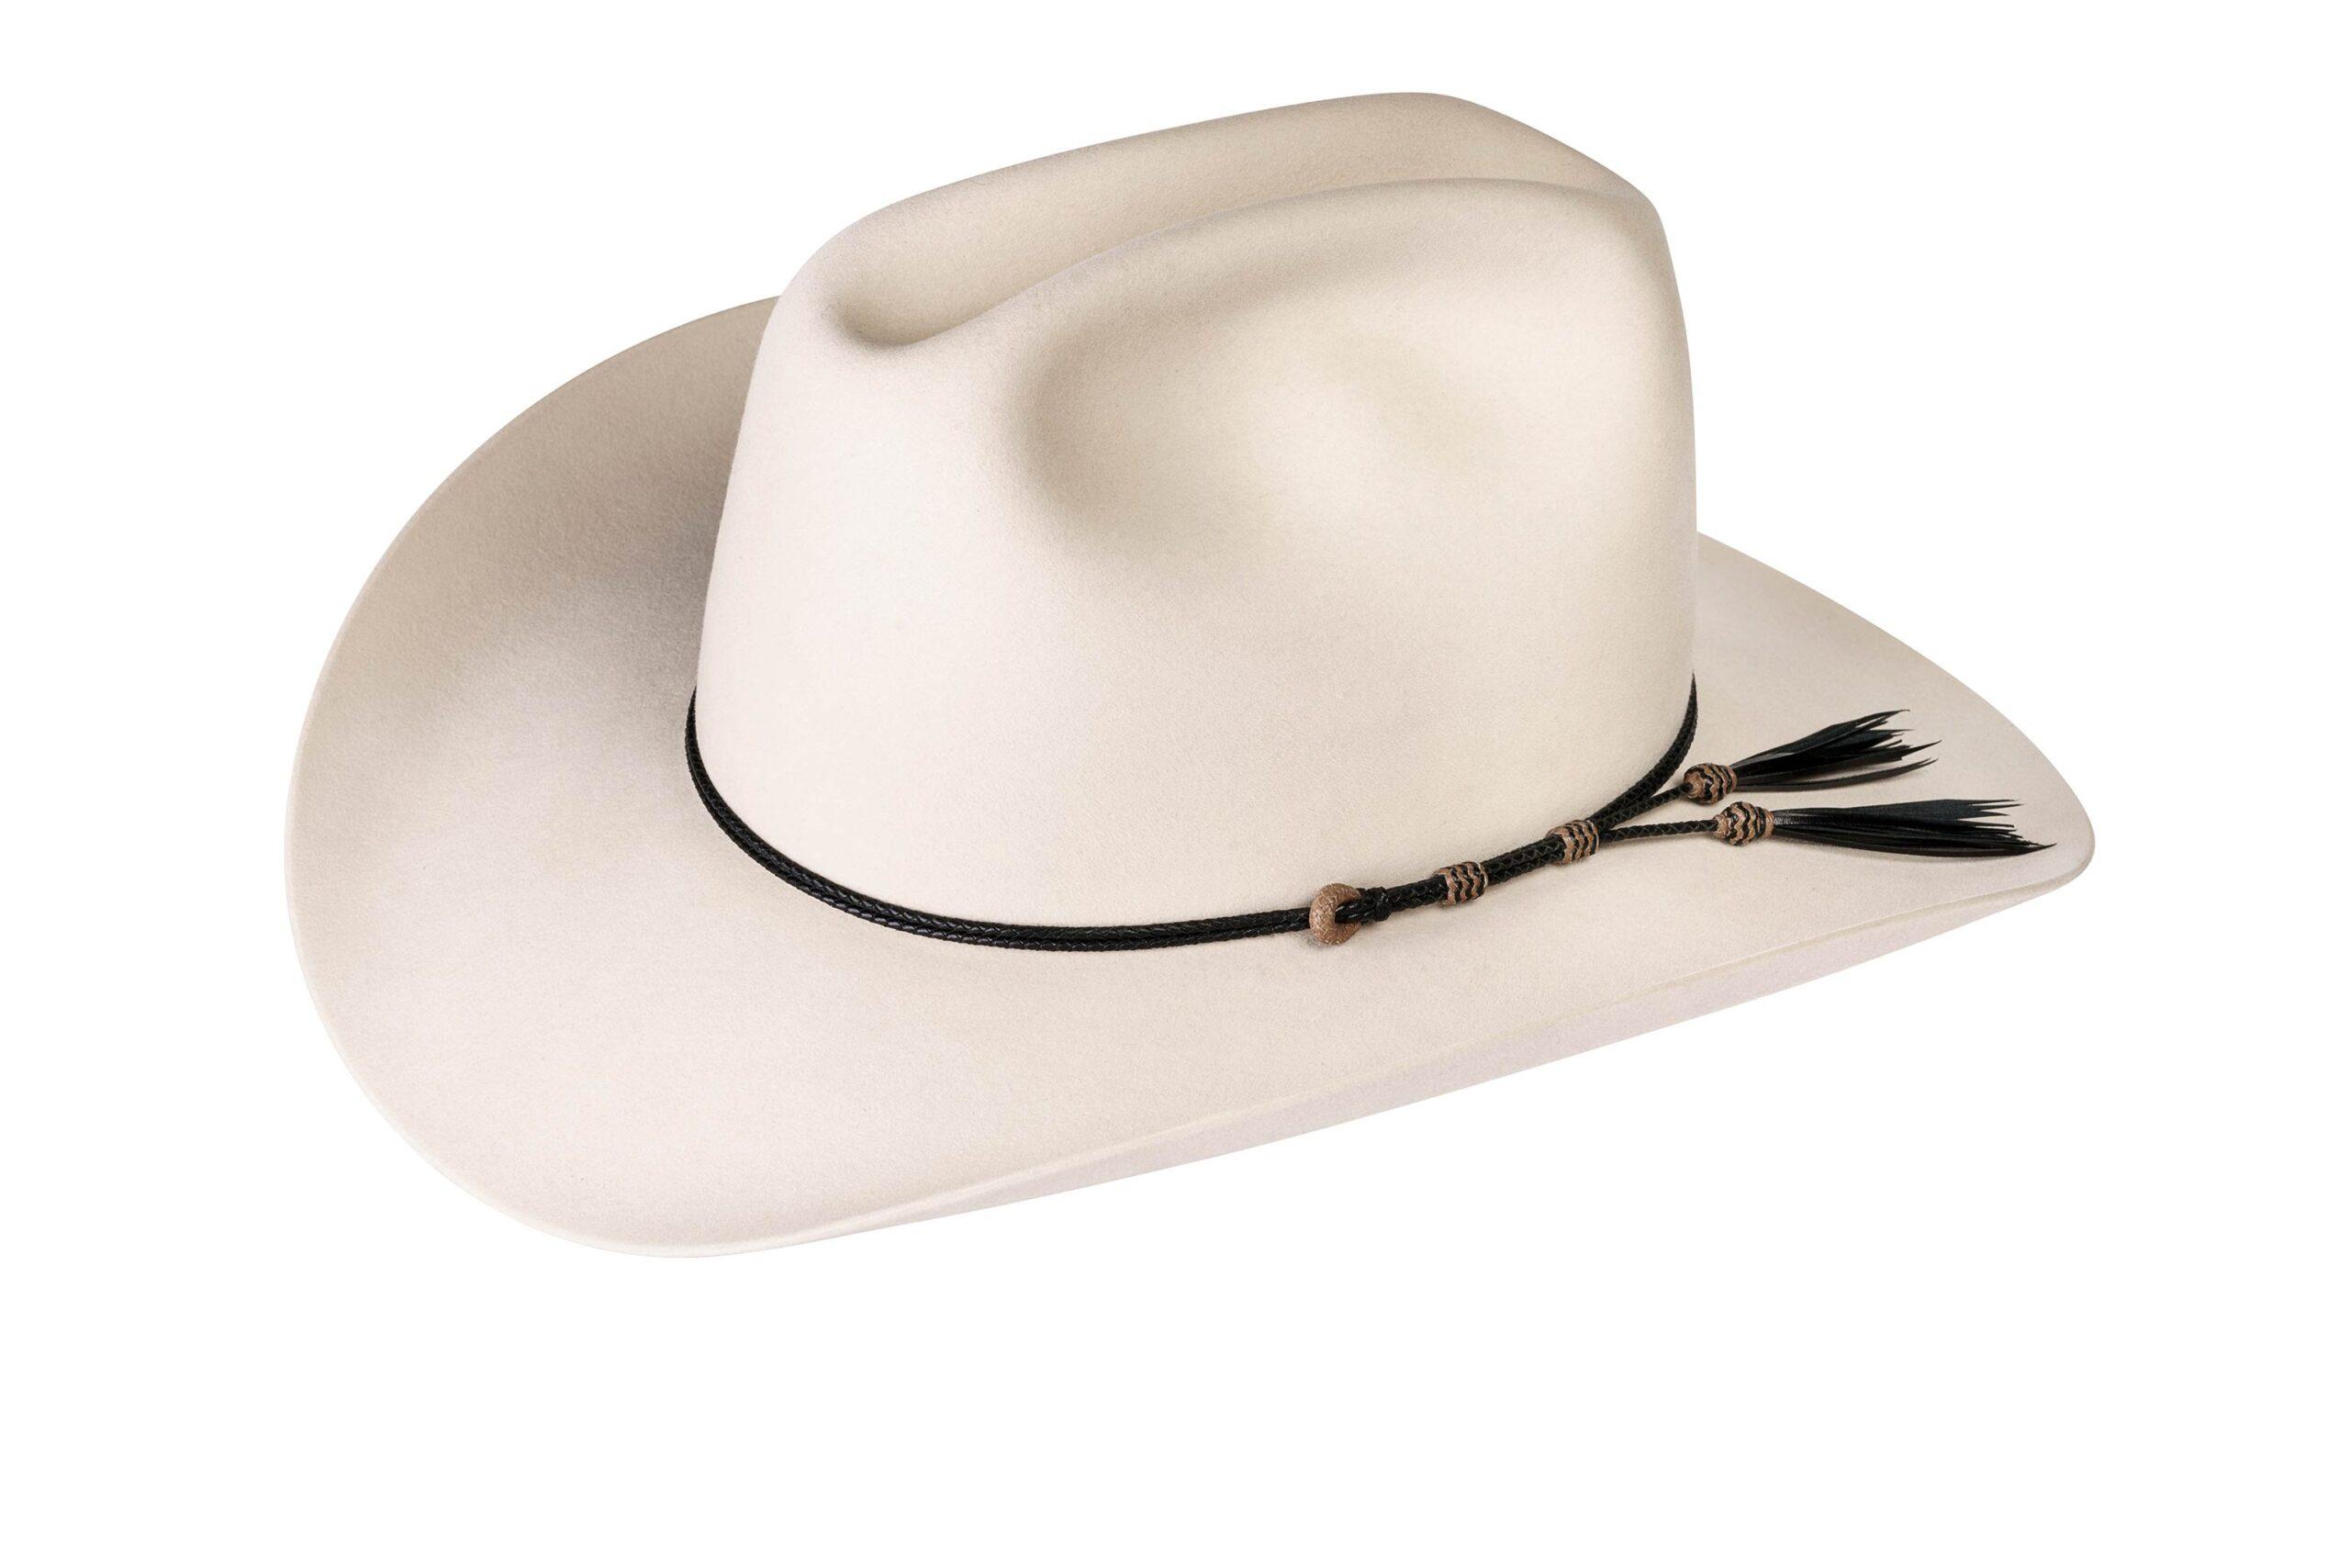 Estrada Reata Hat Band 5958